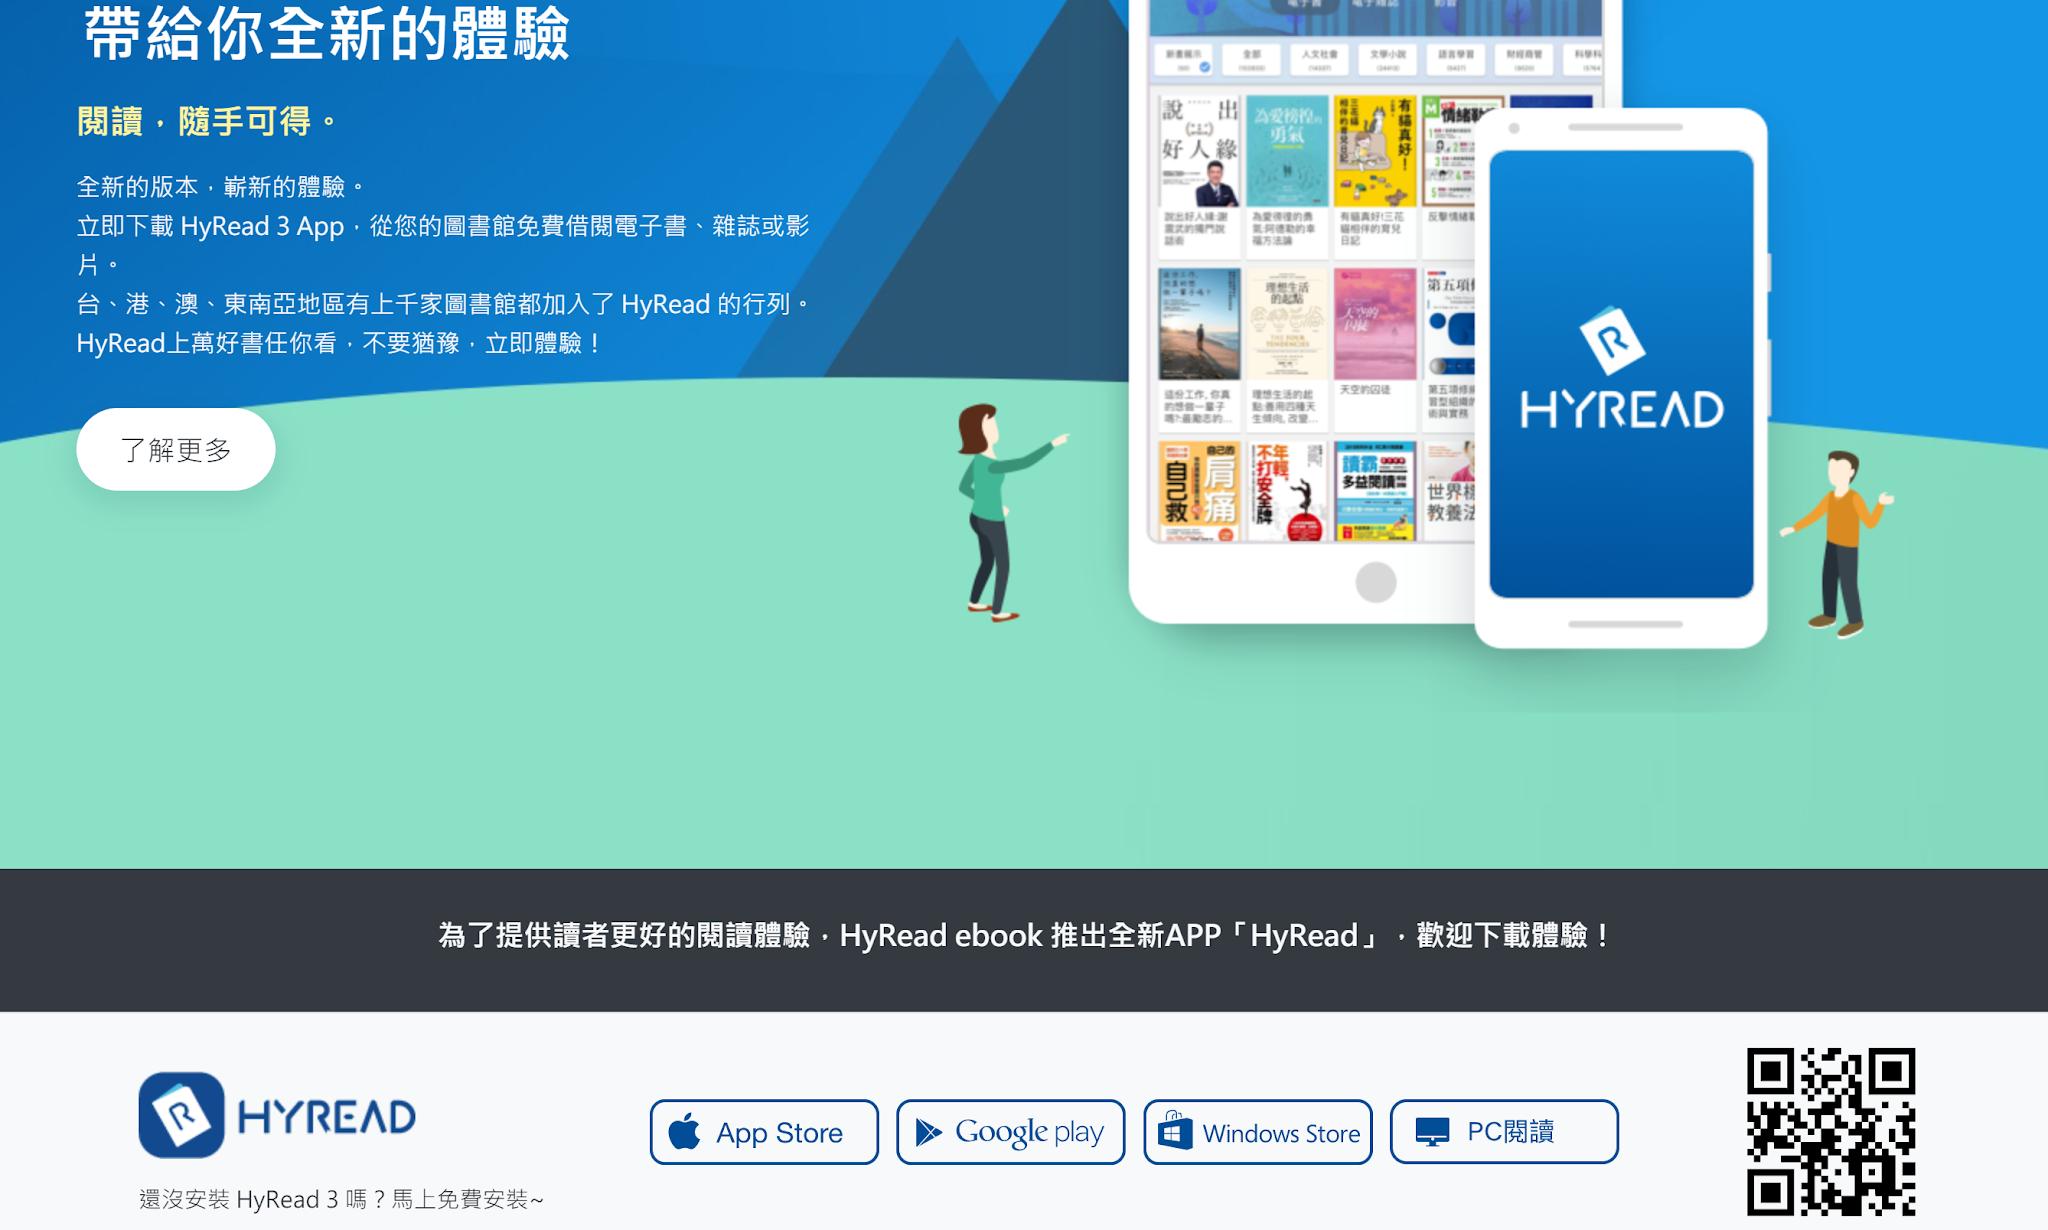 手機、平板、電腦即可免費下載Hyread電子書。